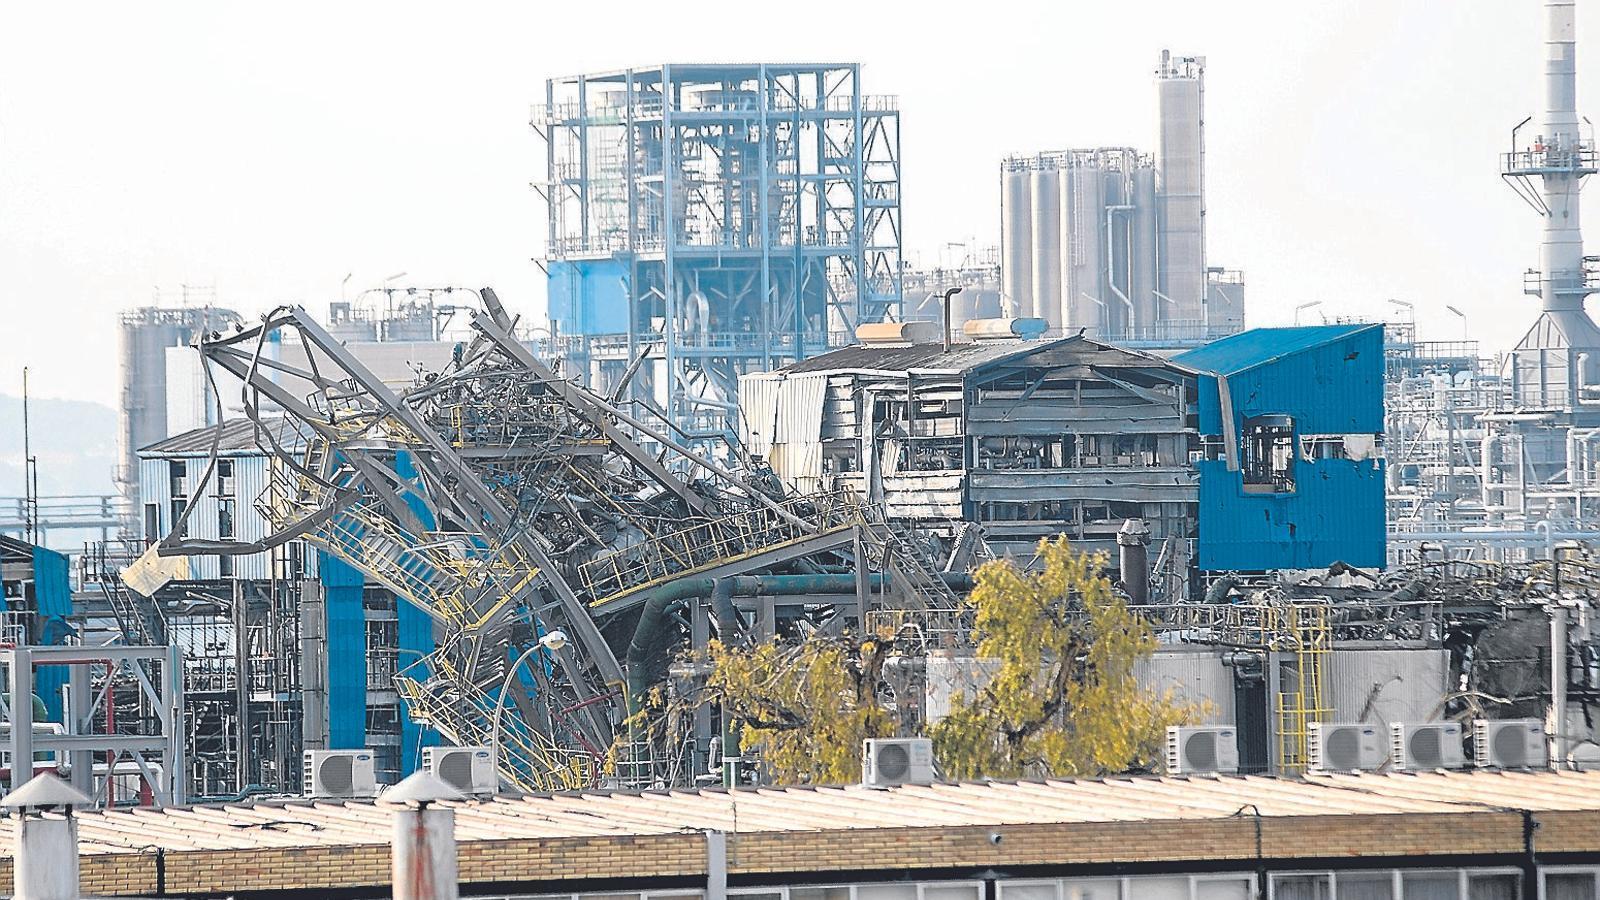 La producció del polígon d'Iqoxe, a mig gas